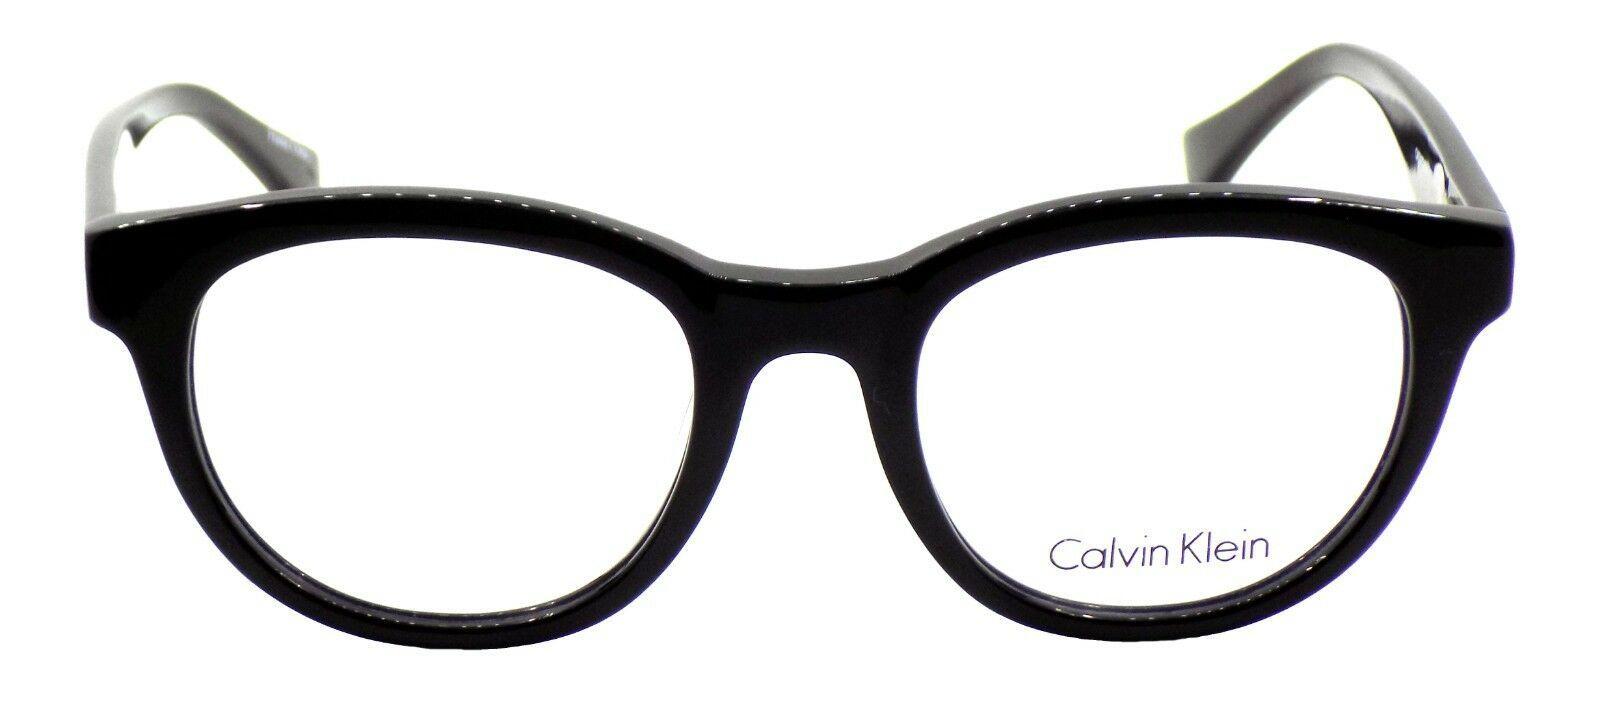 Calvin Klein CK5887 001 Unisex Eyeglasses Frames Black 50-20-140 + CASE